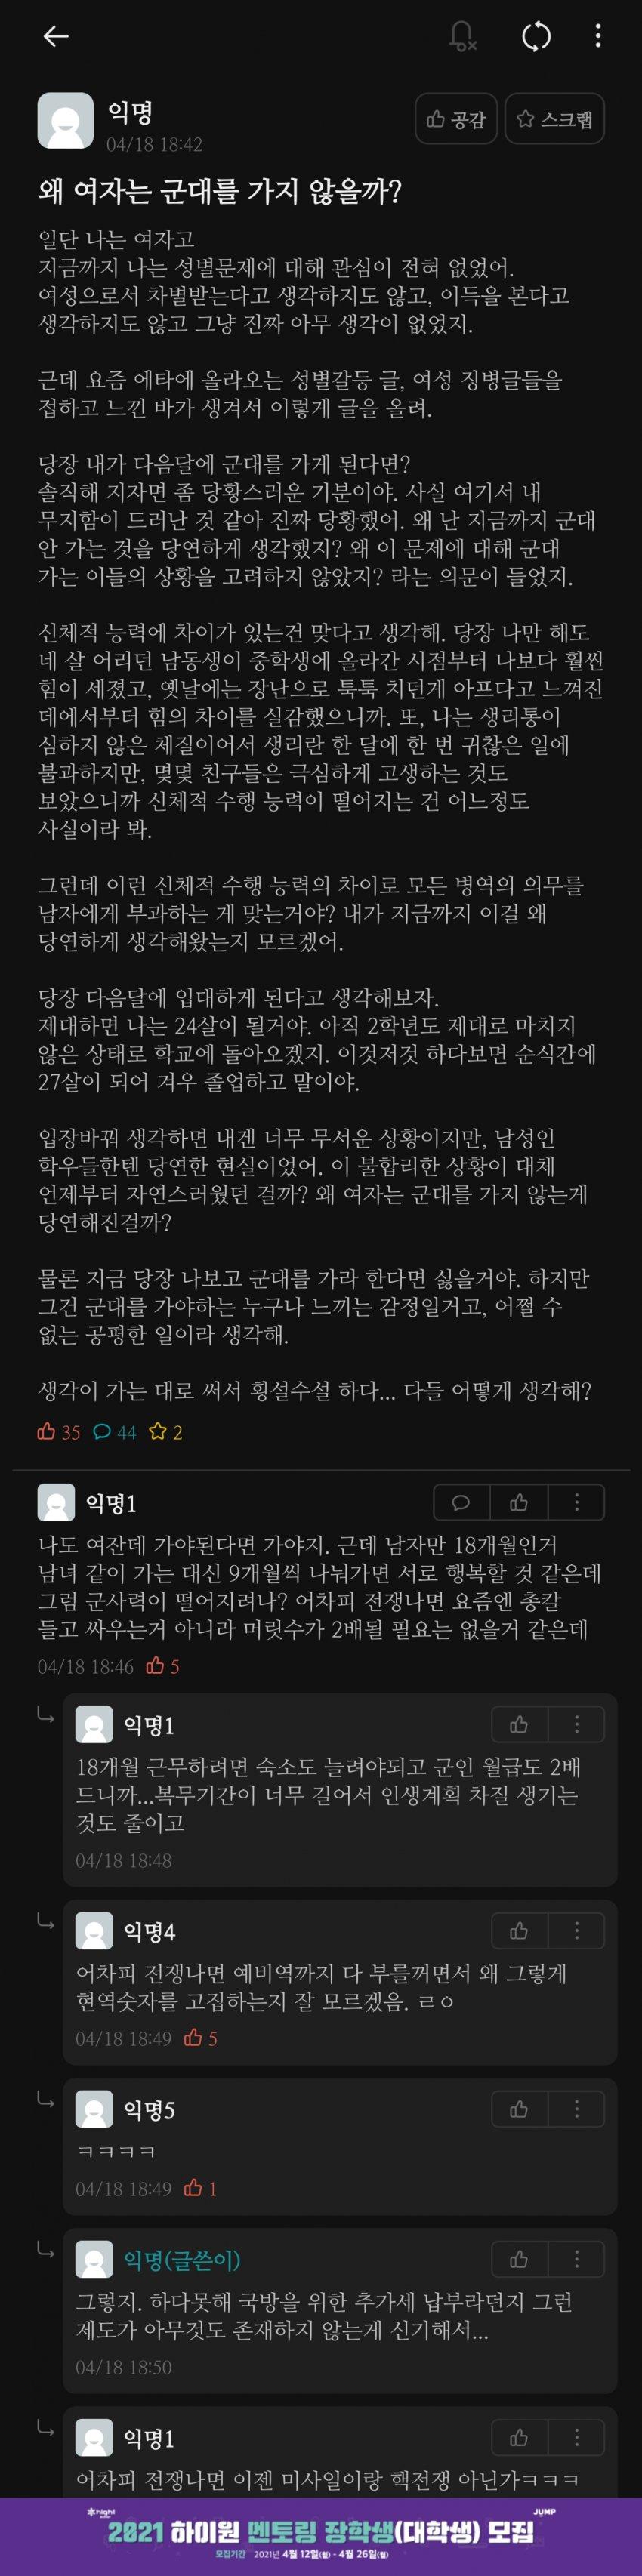 viewimage.php?id=3eb4de21e9d73ab360b8dab04785736f&no=24b0d769e1d32ca73dec81fa11d028314d3faebecfec25ed6aa779bc7957f309b75f2cb138e3369b9dece368f40f2700529e1393d3fb2b50577d6538bea683fc1400f6f4dad762e3801b5b9f681a826bc305dc610c3bf659dcb8ac2b2330cd97597128229ceebb870d1fd7de84f50a